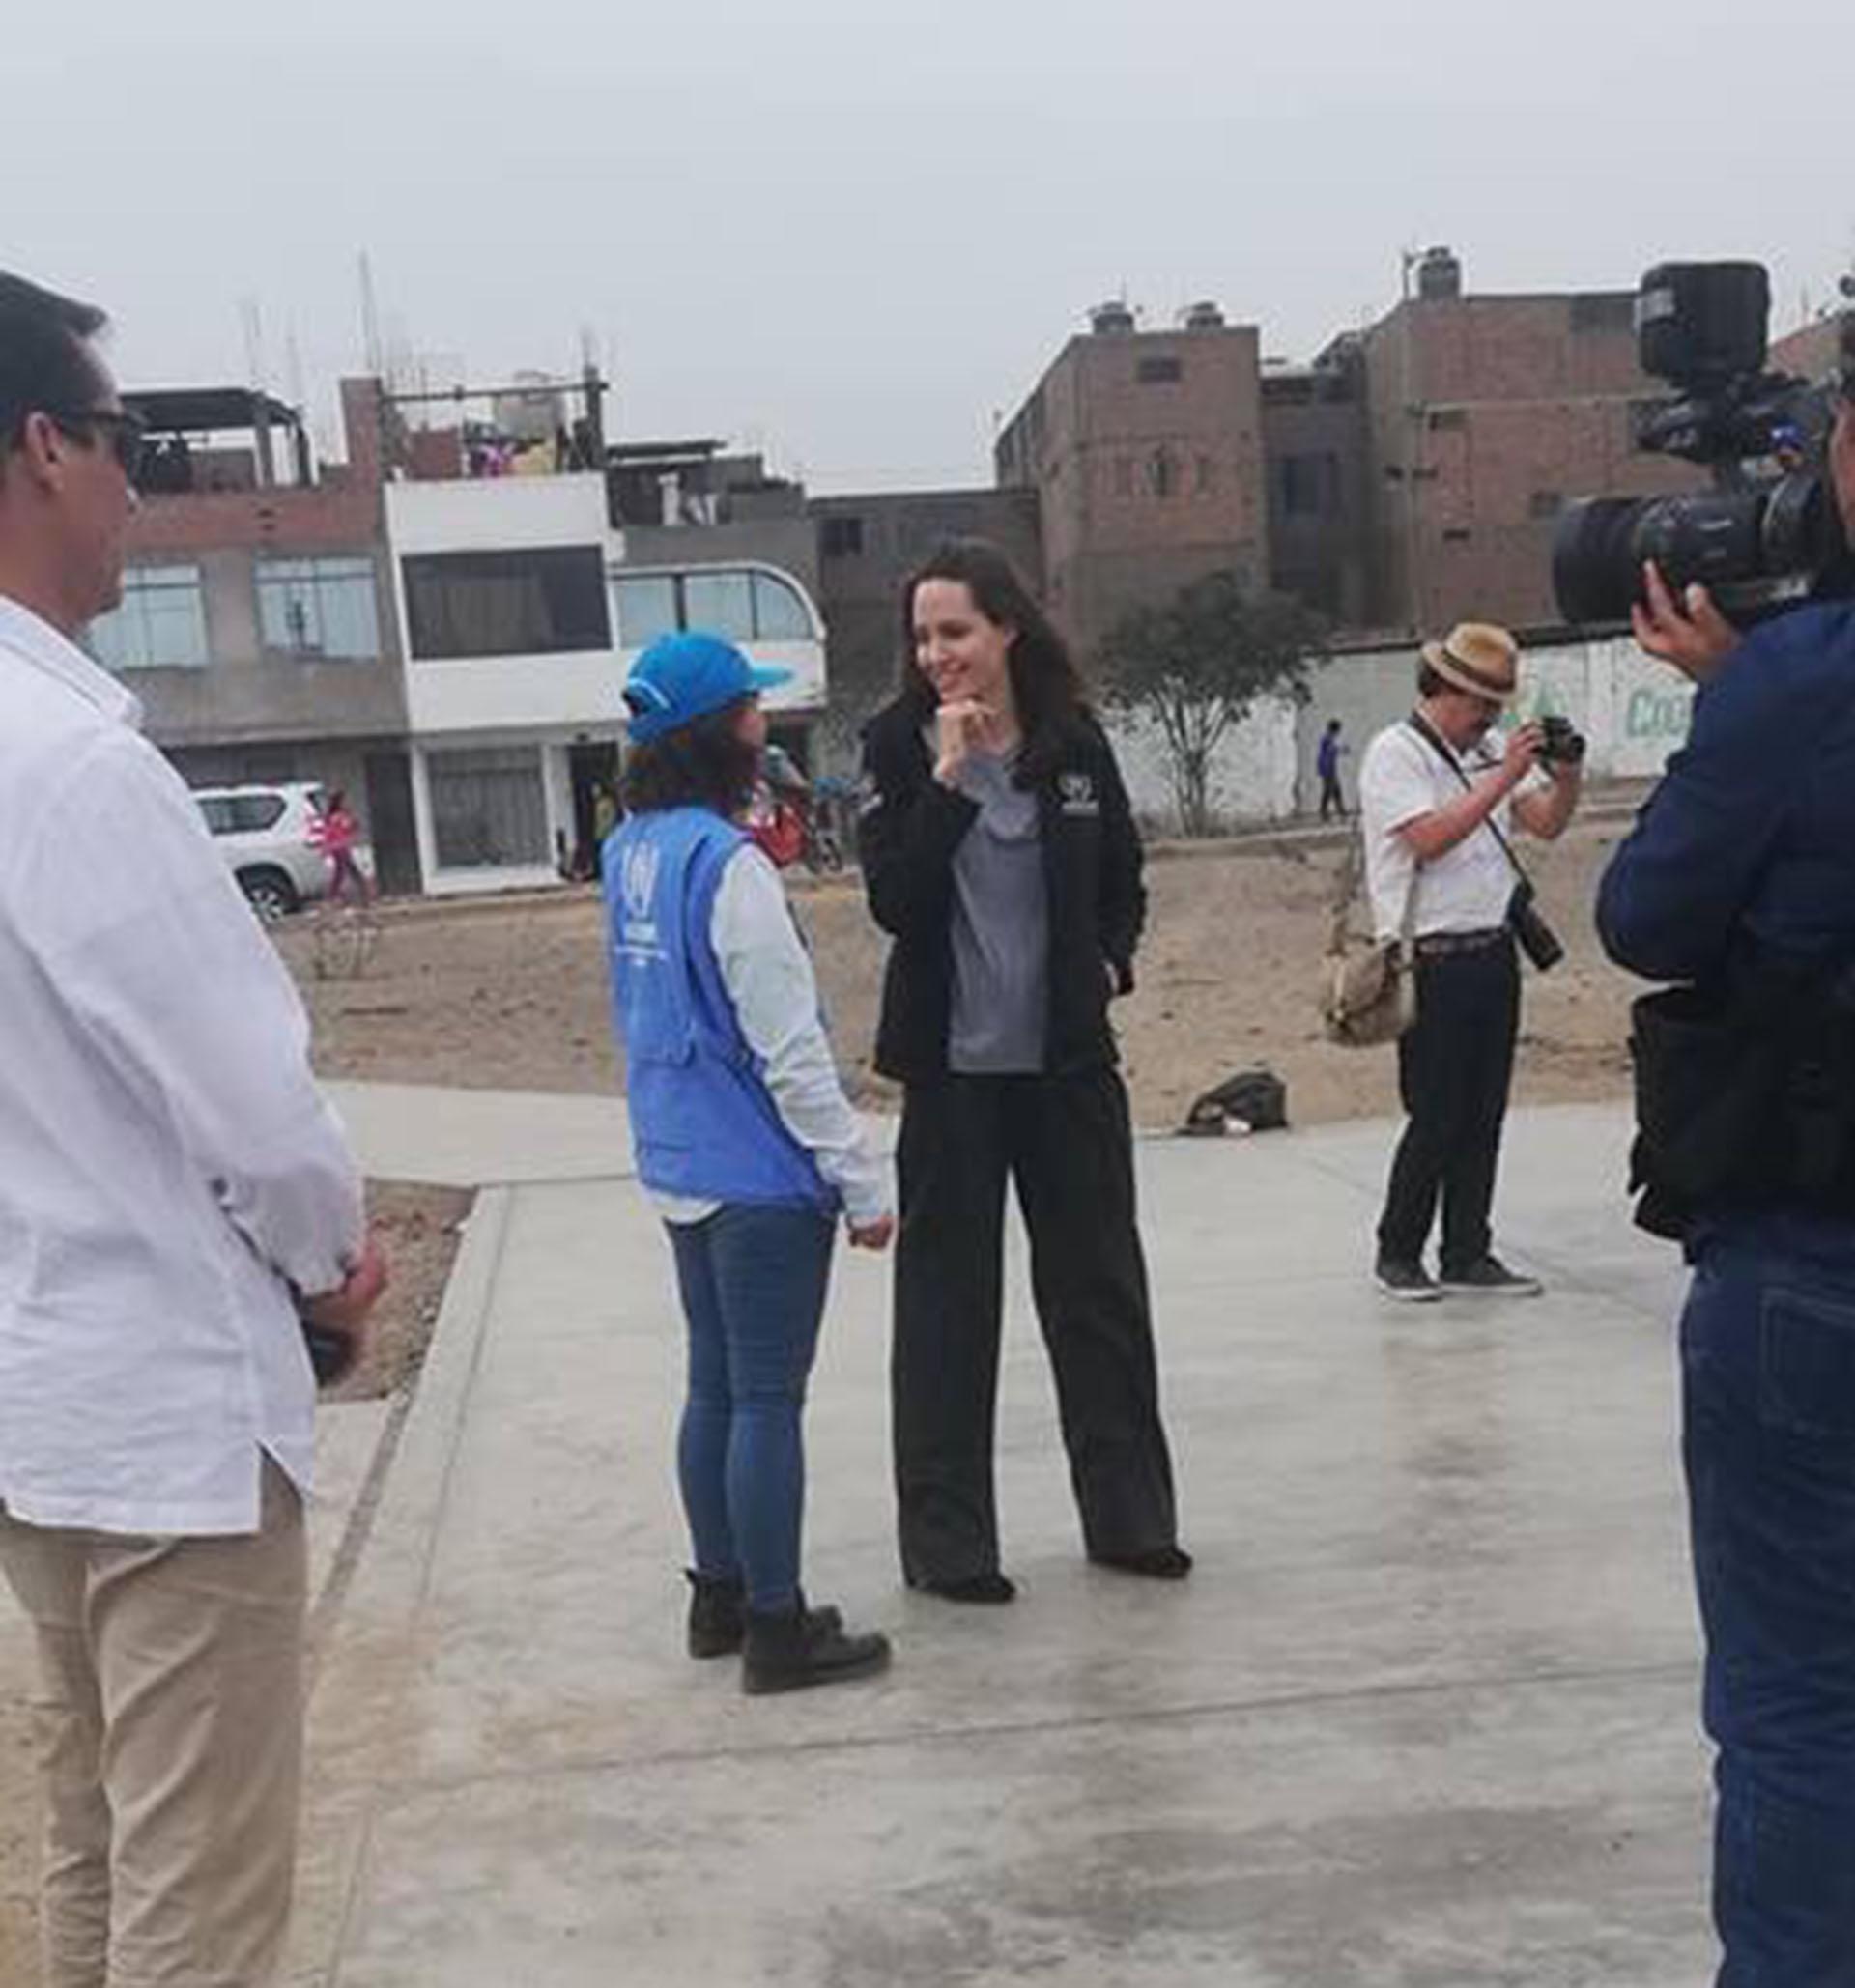 Jolie escuchó a los refugiados y a las personas que los asisten (@rosmery_steph)